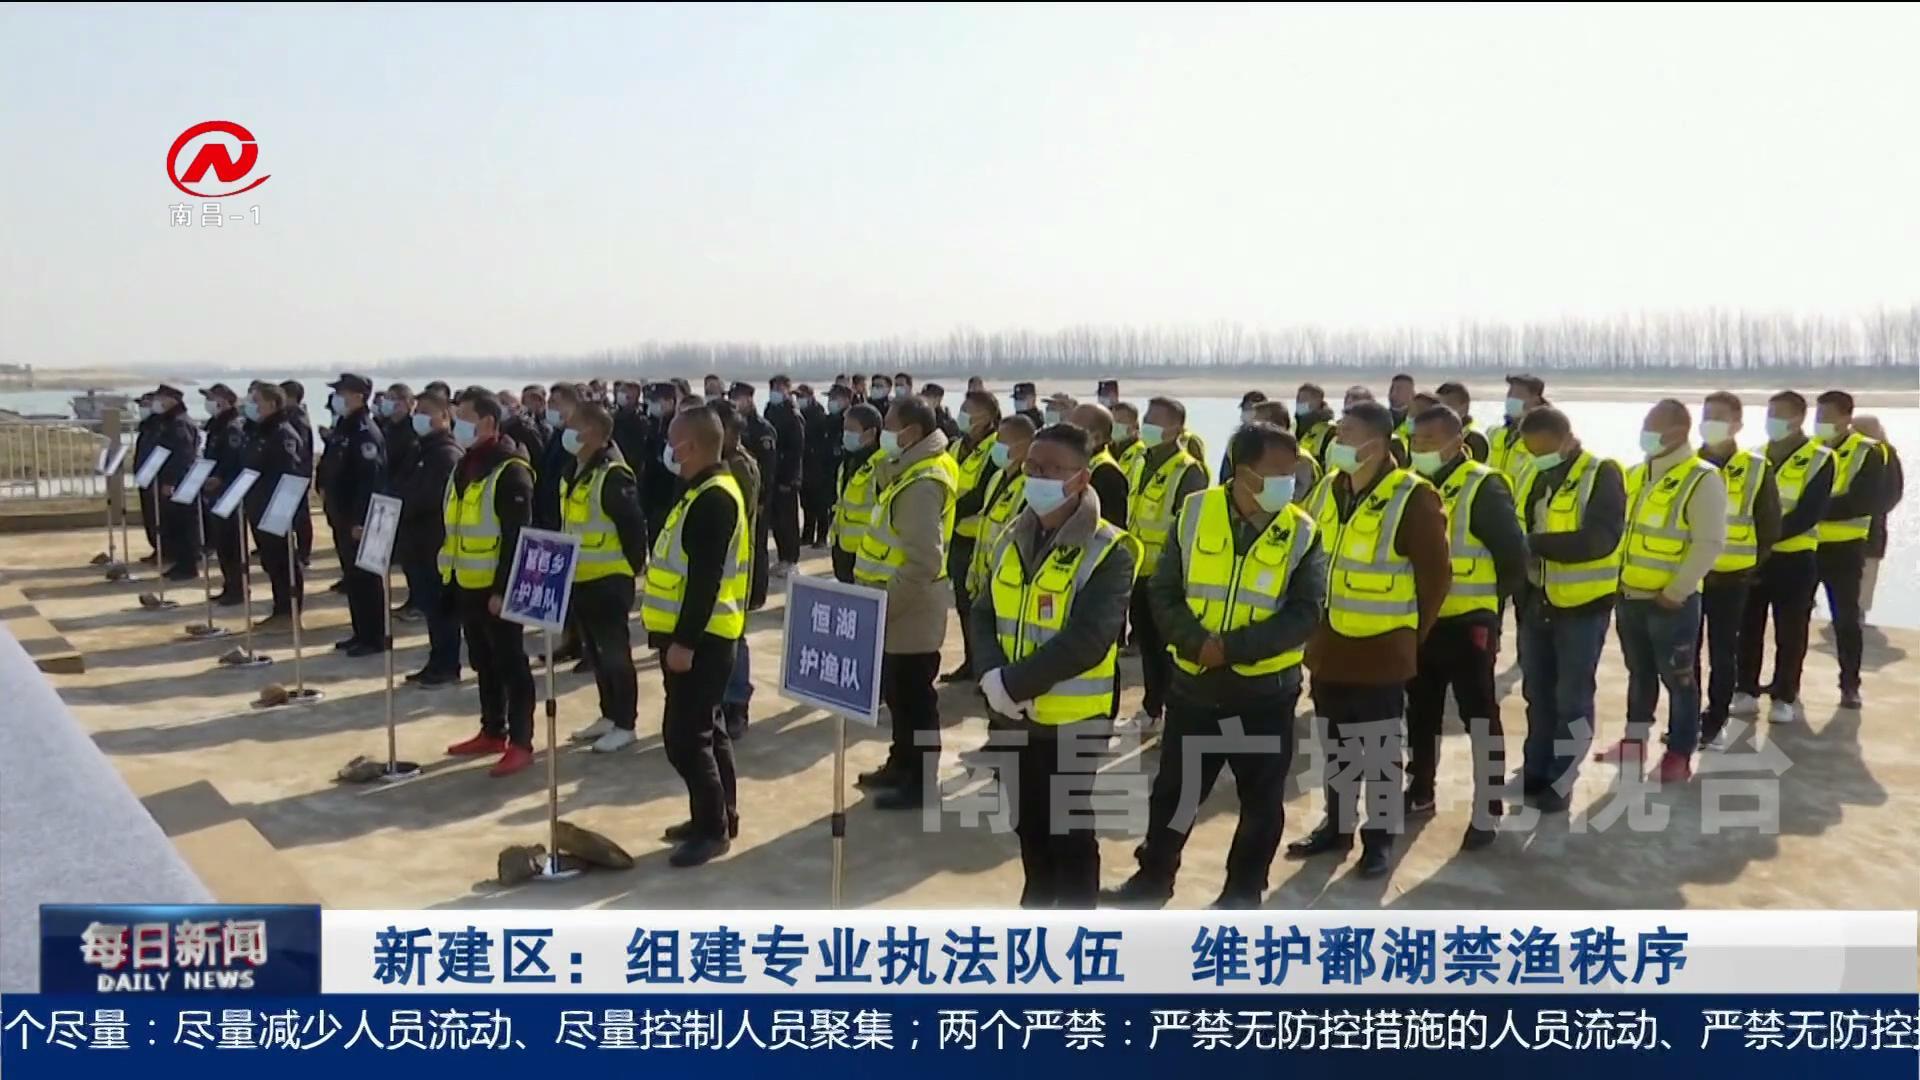 新建区:组建专业执法队伍 维护鄱湖禁渔秩序